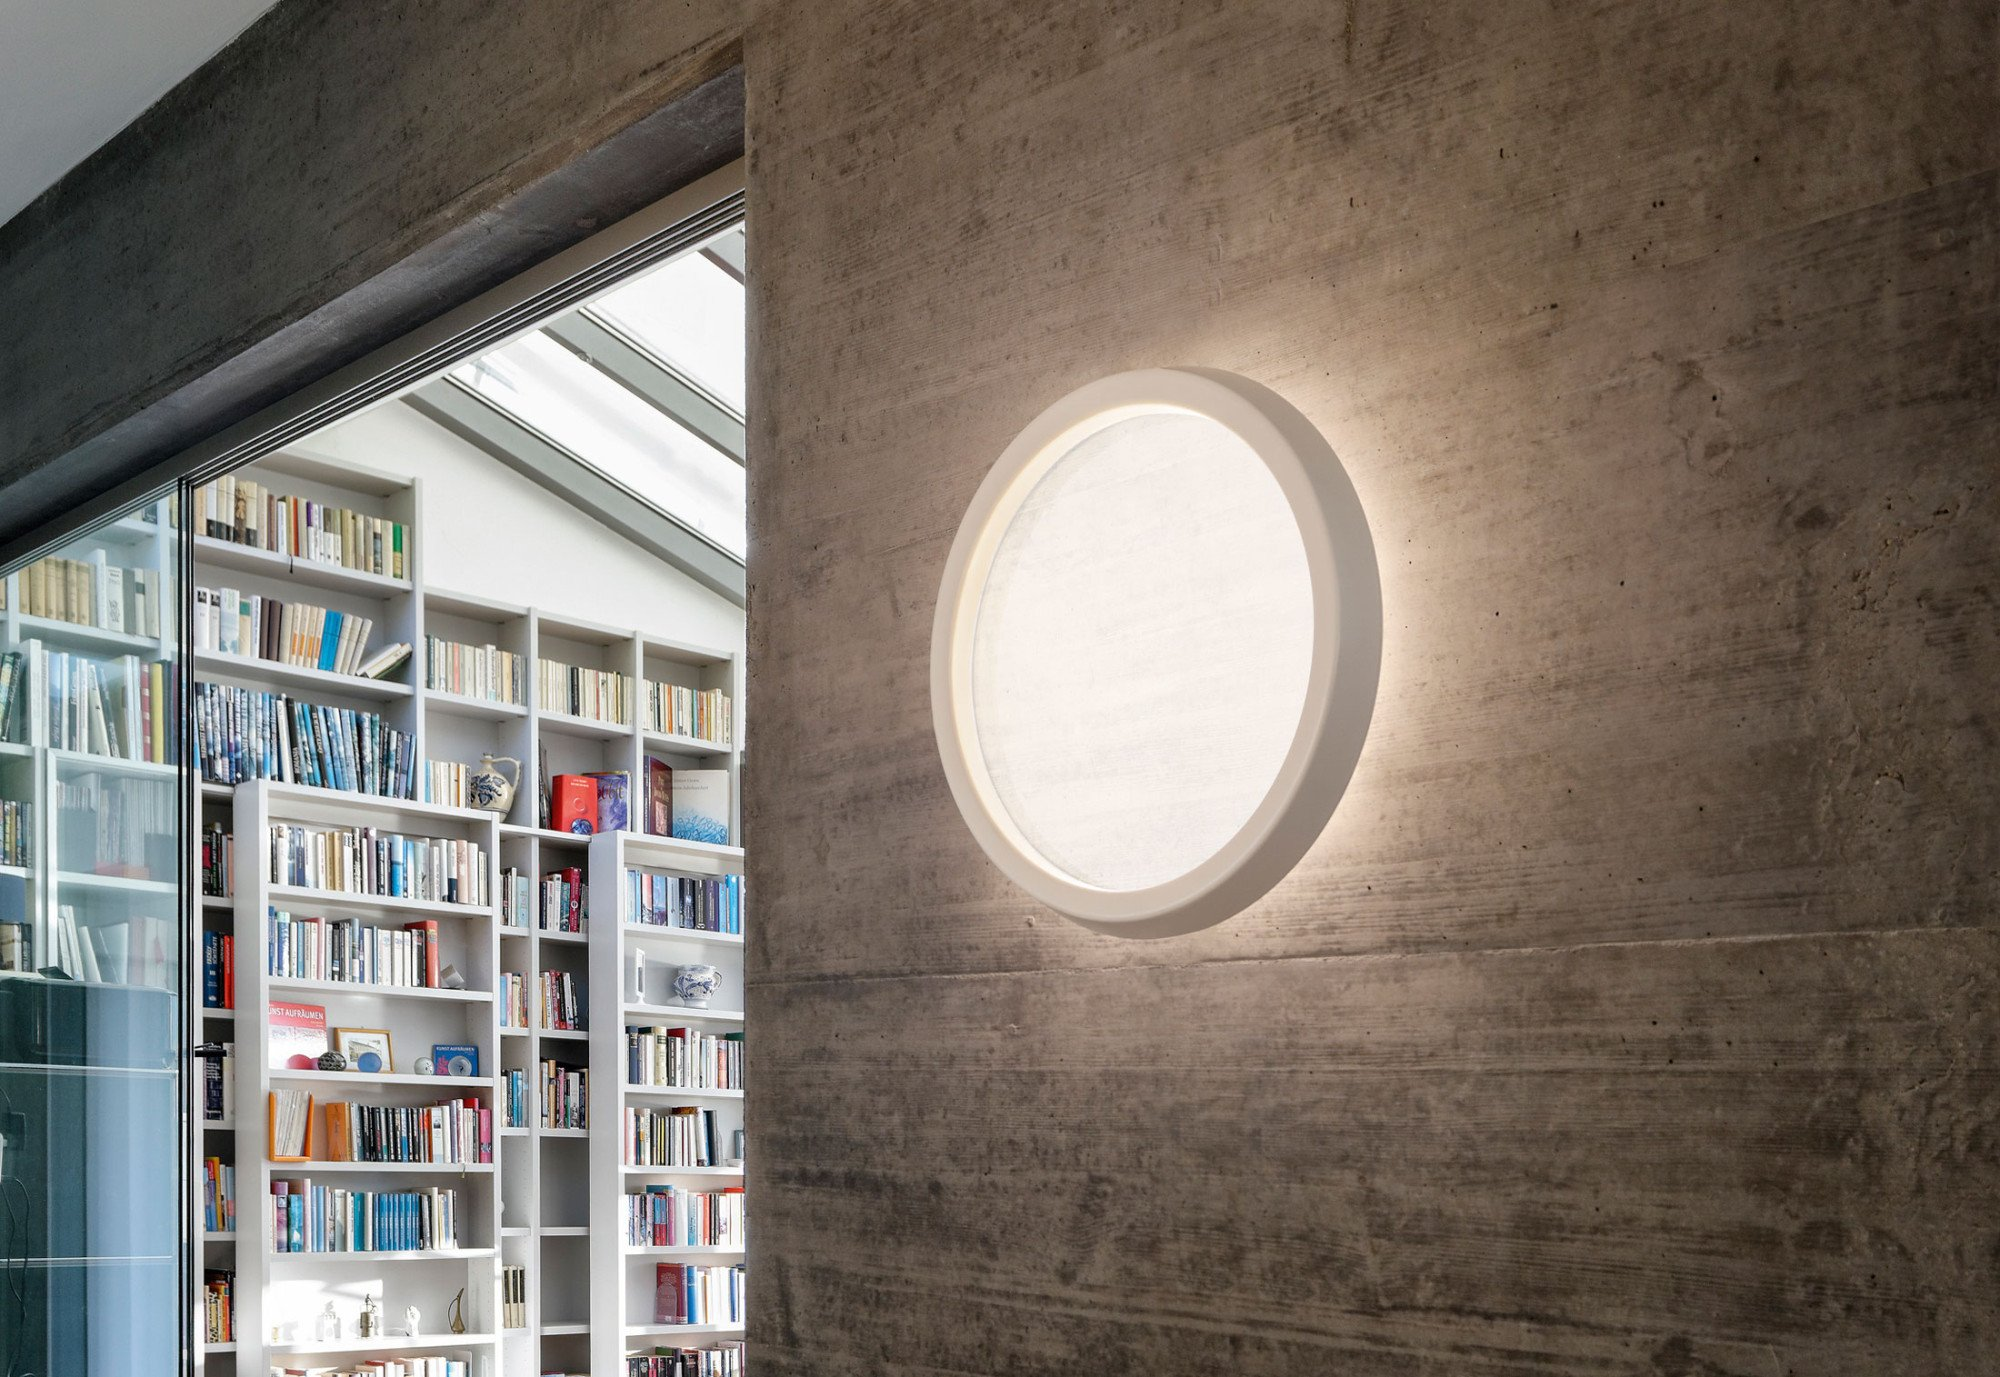 LED-Leuchte wie ein runder Bilderrahmen | Elektro | News/Produkte ...